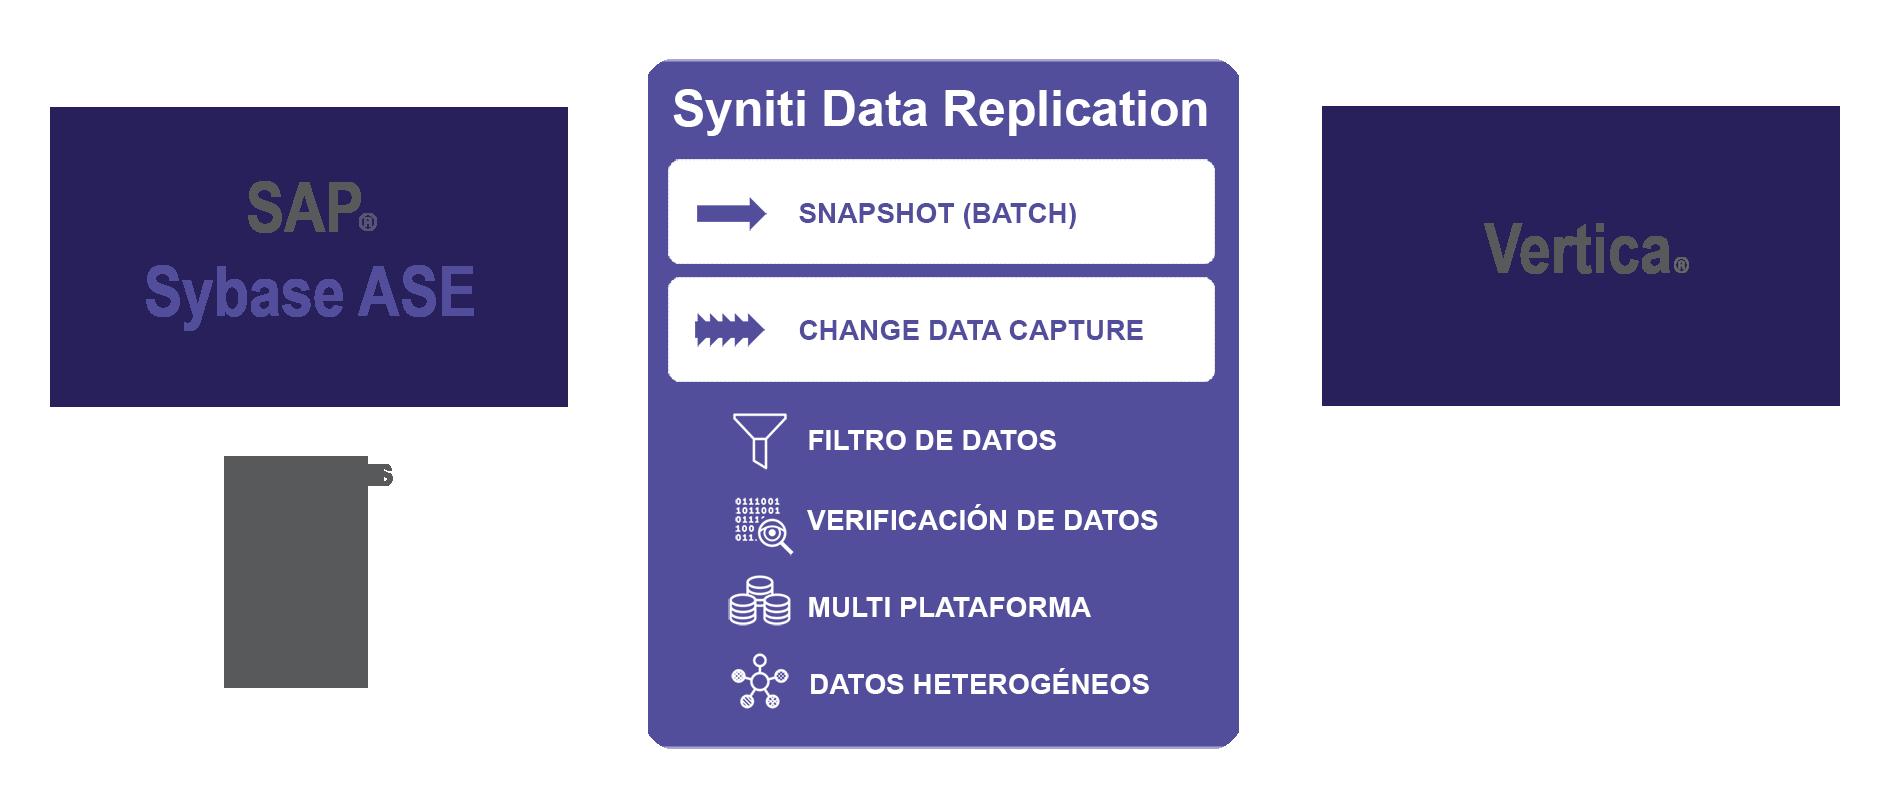 Replicación de datos desde SAP ASE Sybase a Vertica